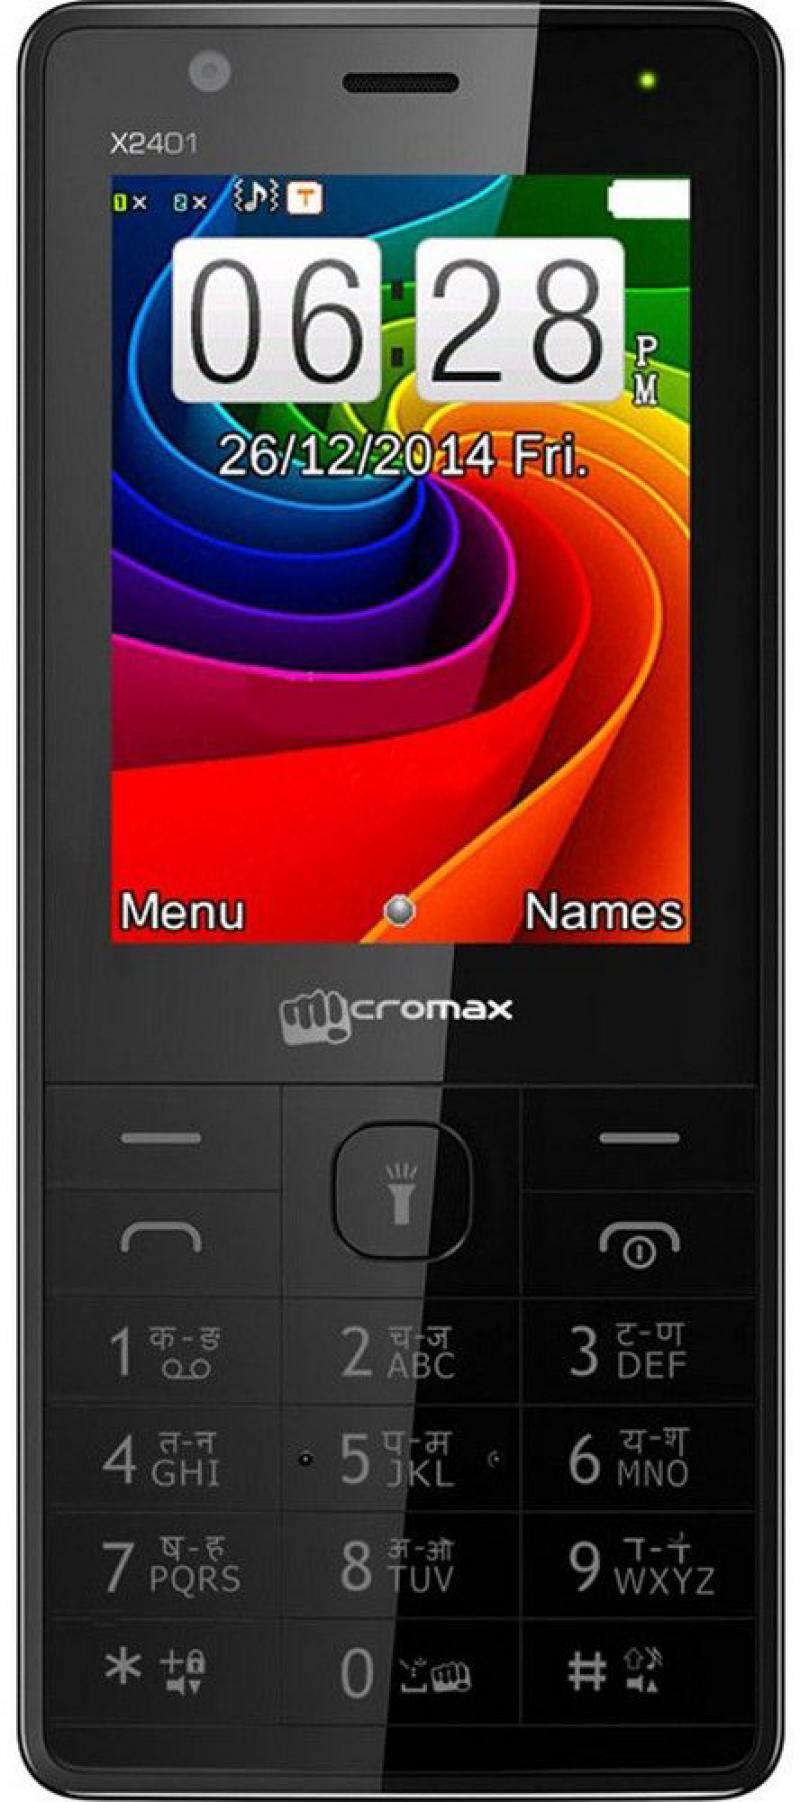 Мобильный телефон Micromax X2401 черный 2.4